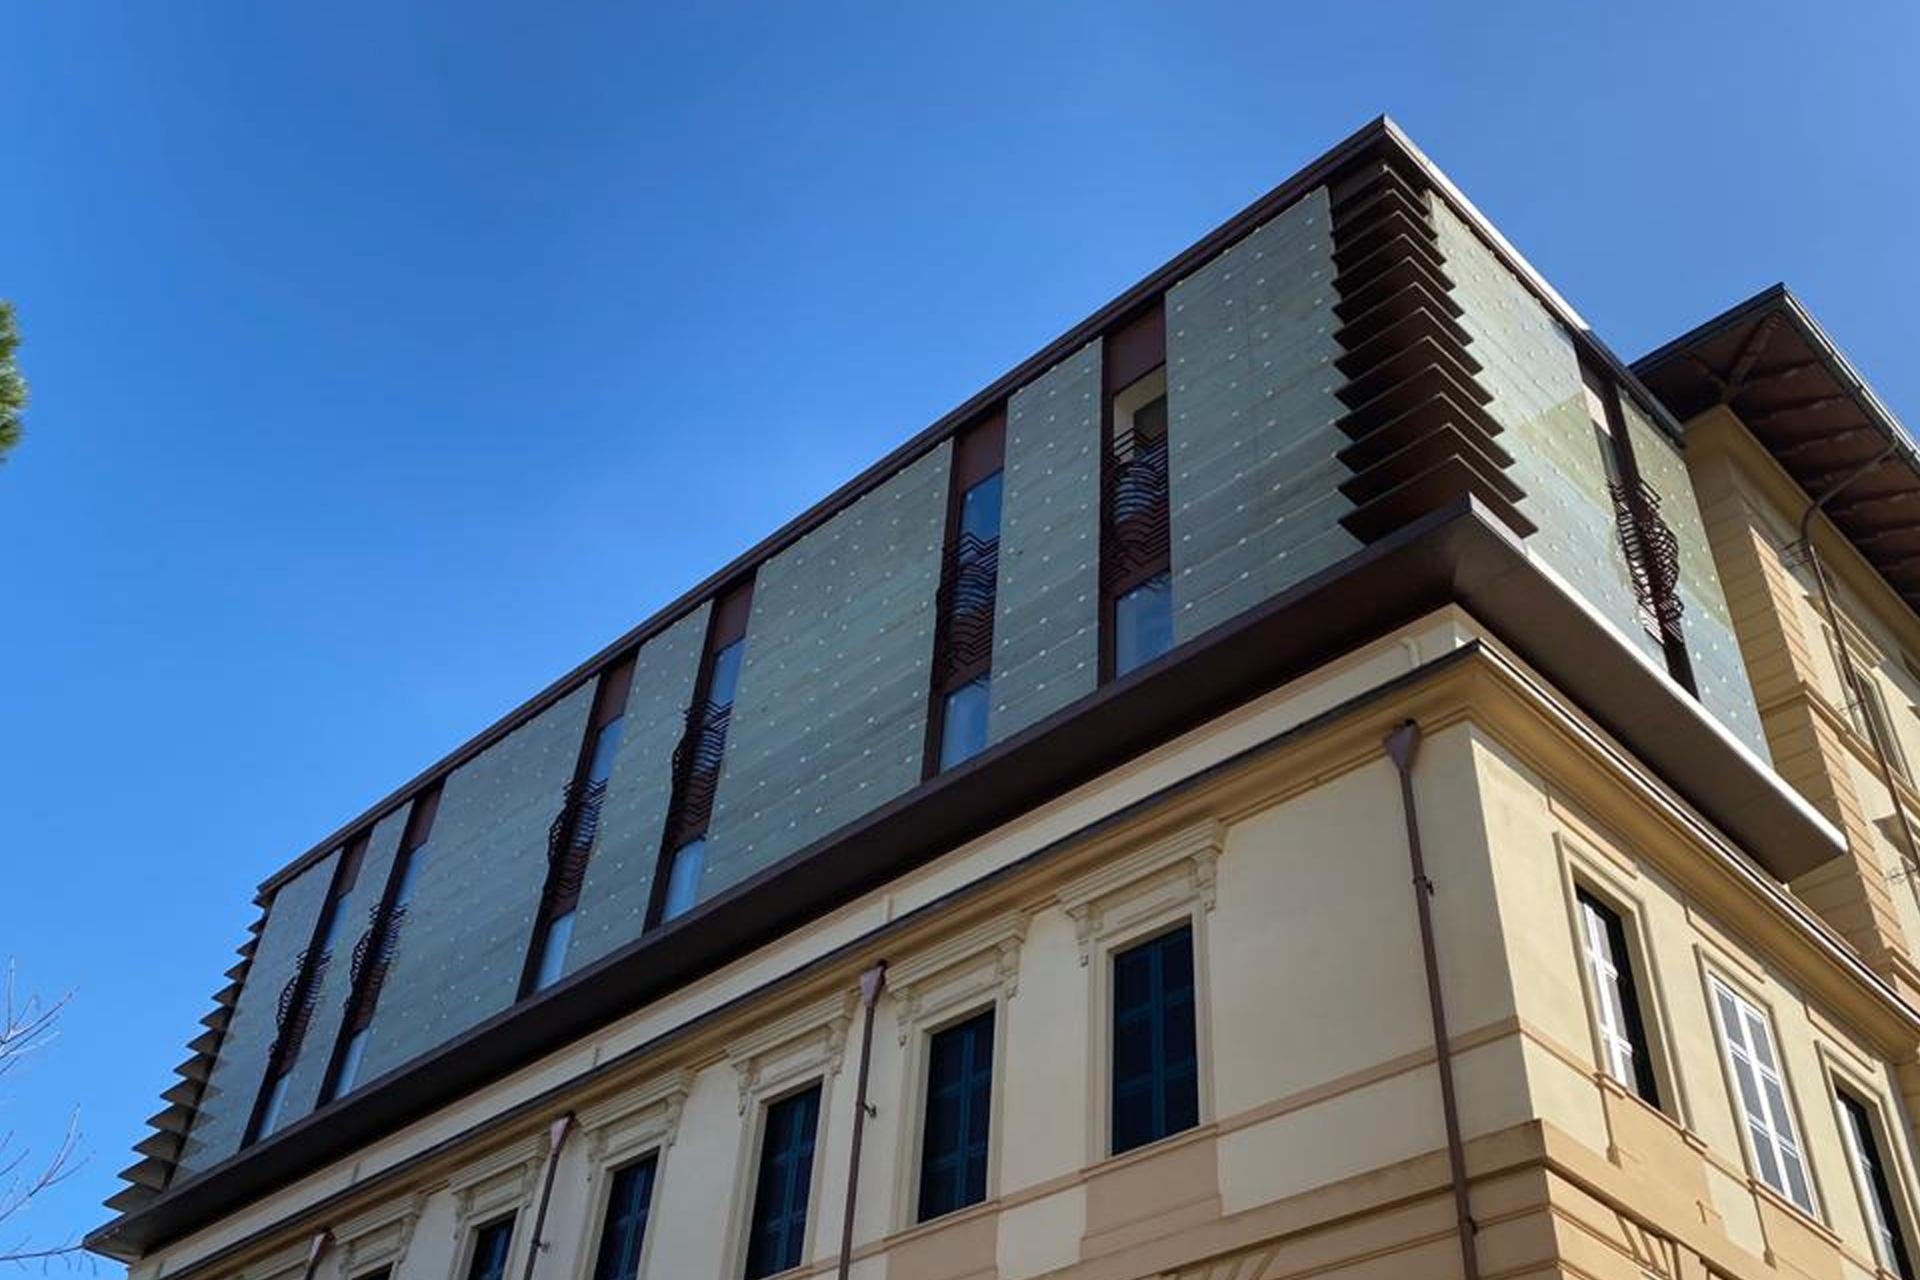 hotel vittoria building